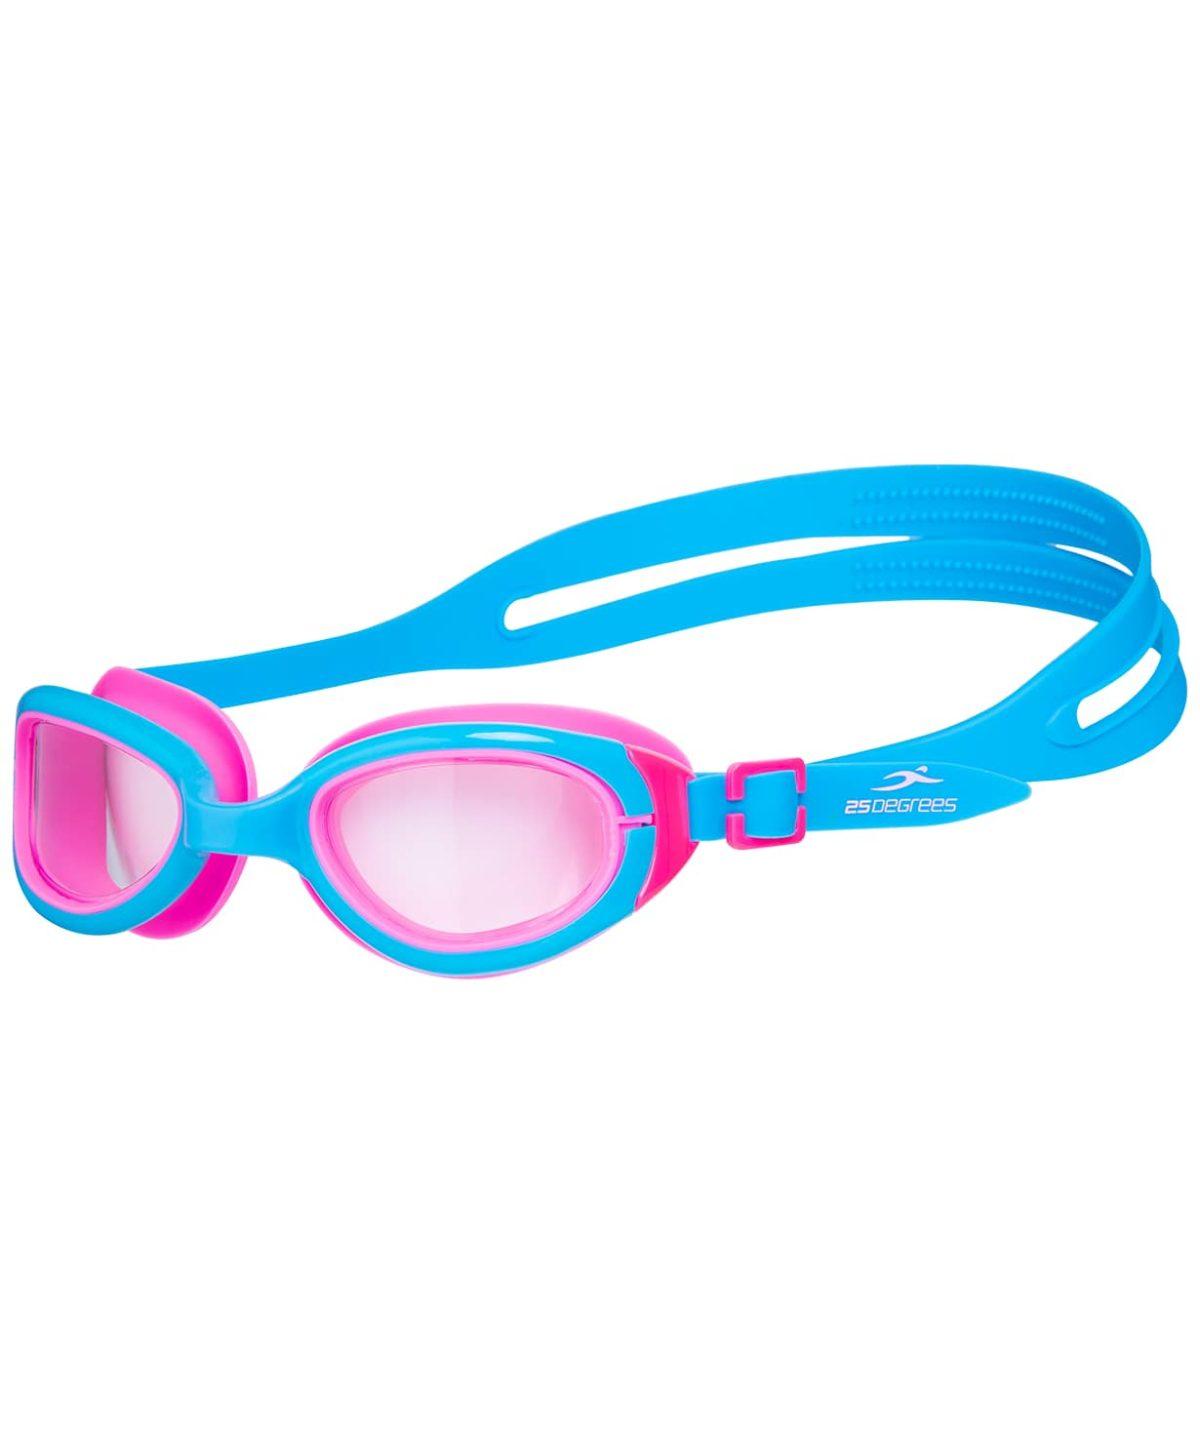 25DEGREES Friggo Light Blue/Pink Очки для плавания подростковые  17340 - 1